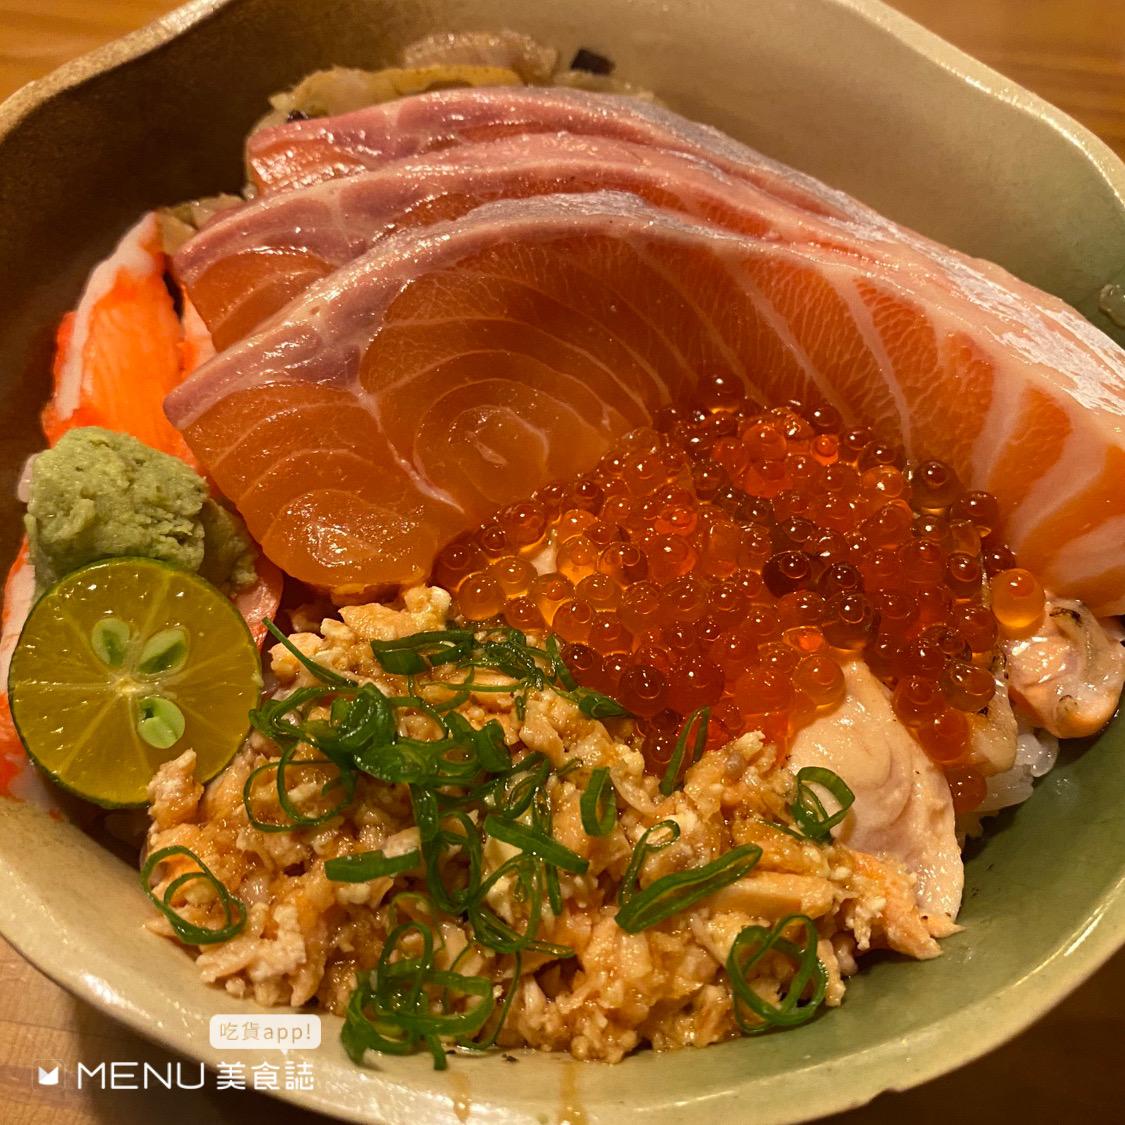 啥款!成大人的三餐就是這麼澎湃!吃了會想念的越南河粉、俗又大碗的早午餐,看著都想轉學拉!